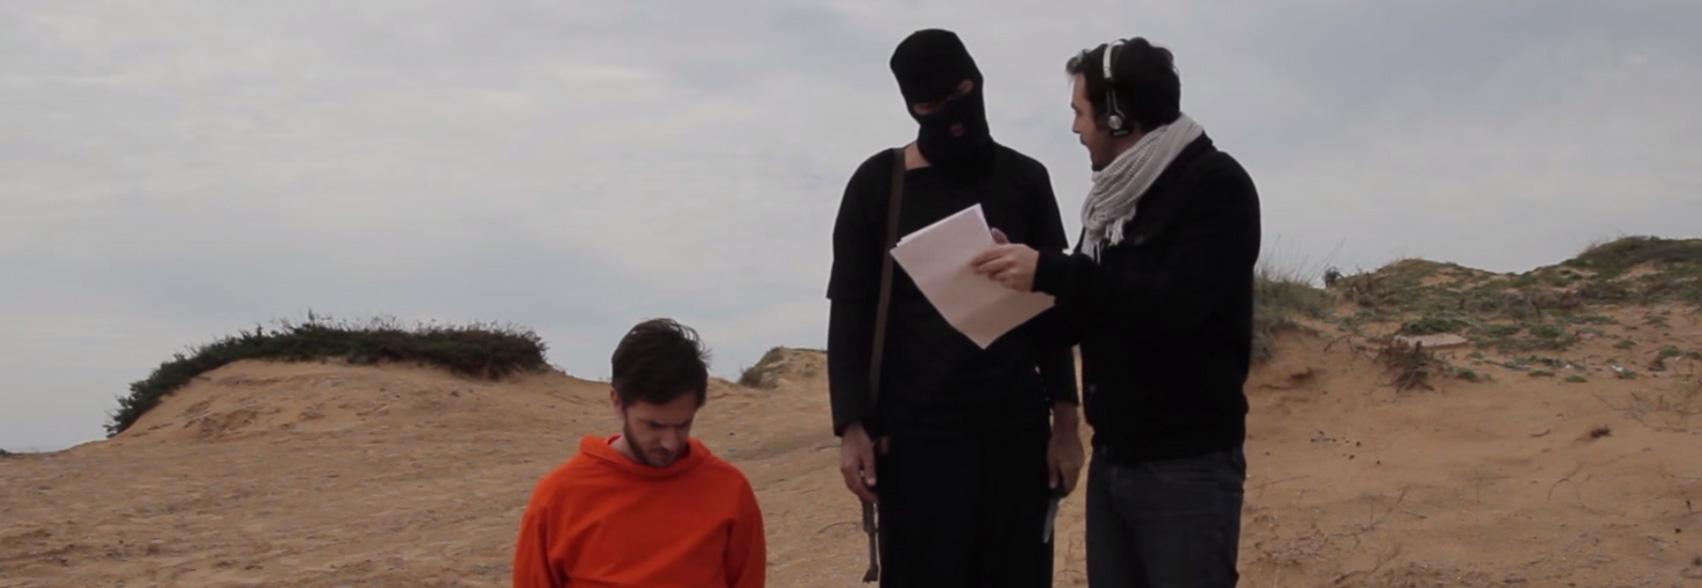 Böse: ISIS Bloopers